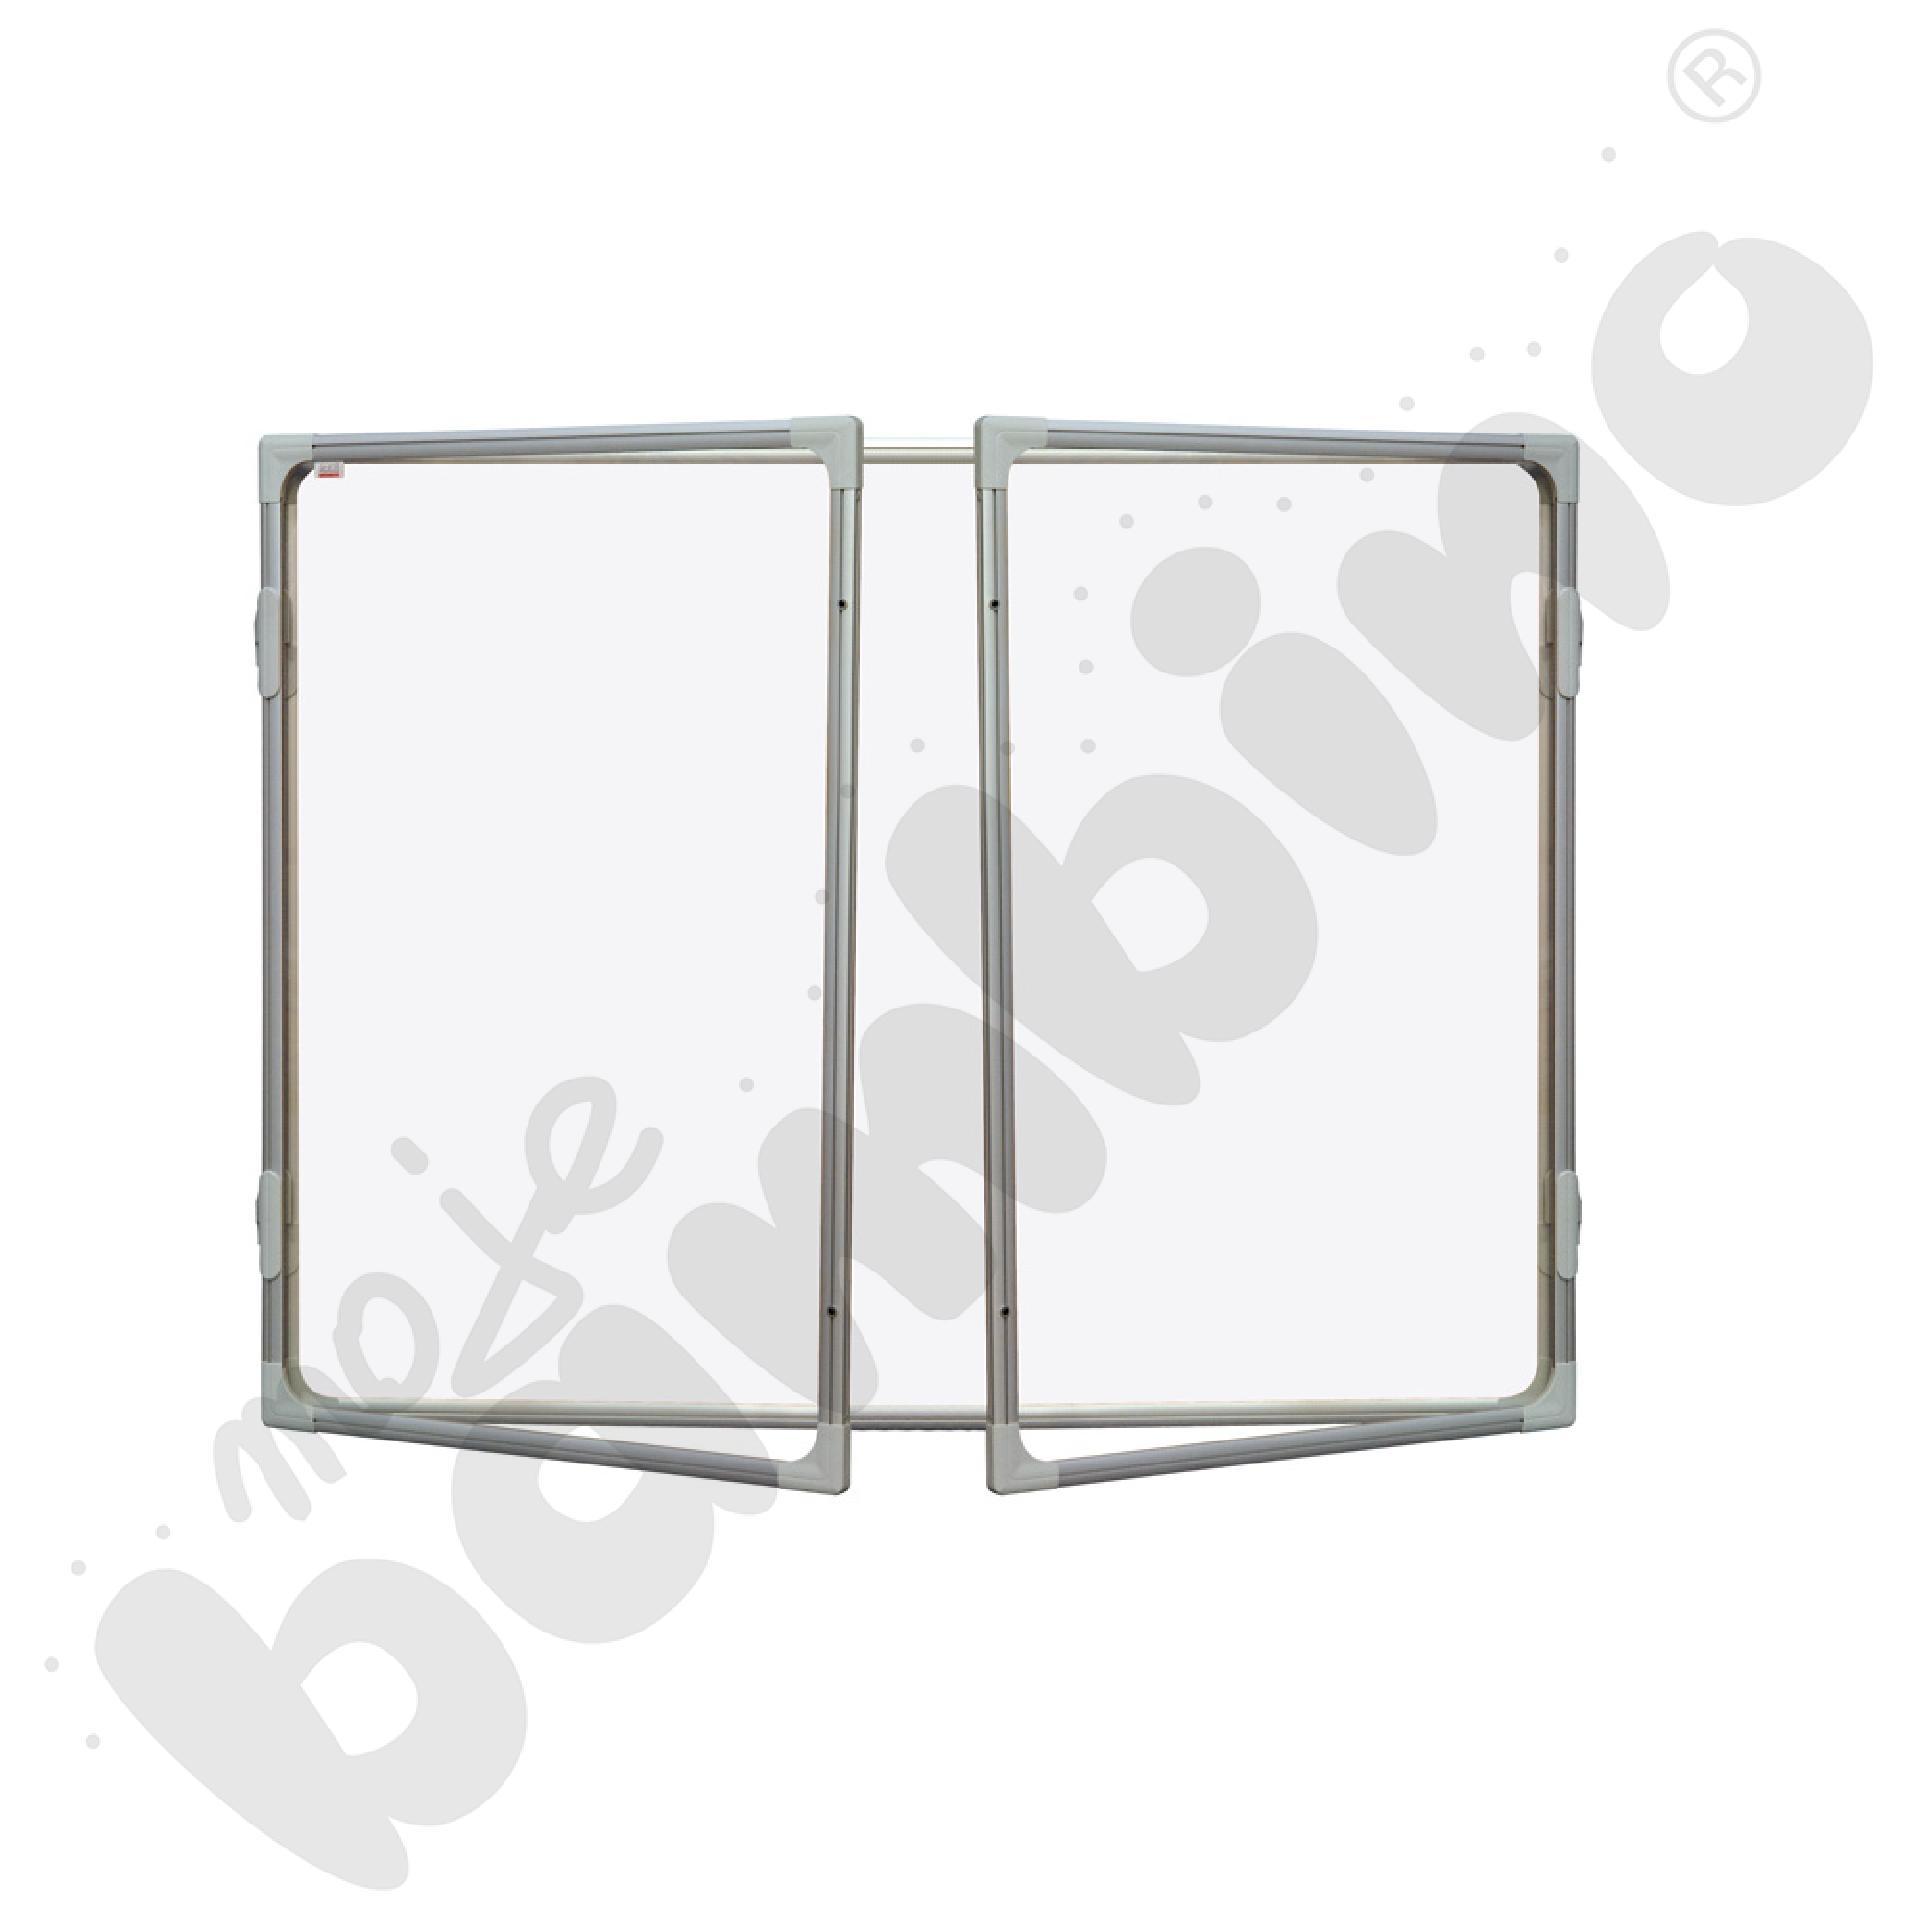 Gablota wewnętrzna otwierana na bok suchościeralno-magnetyczna 180 x 120 cm